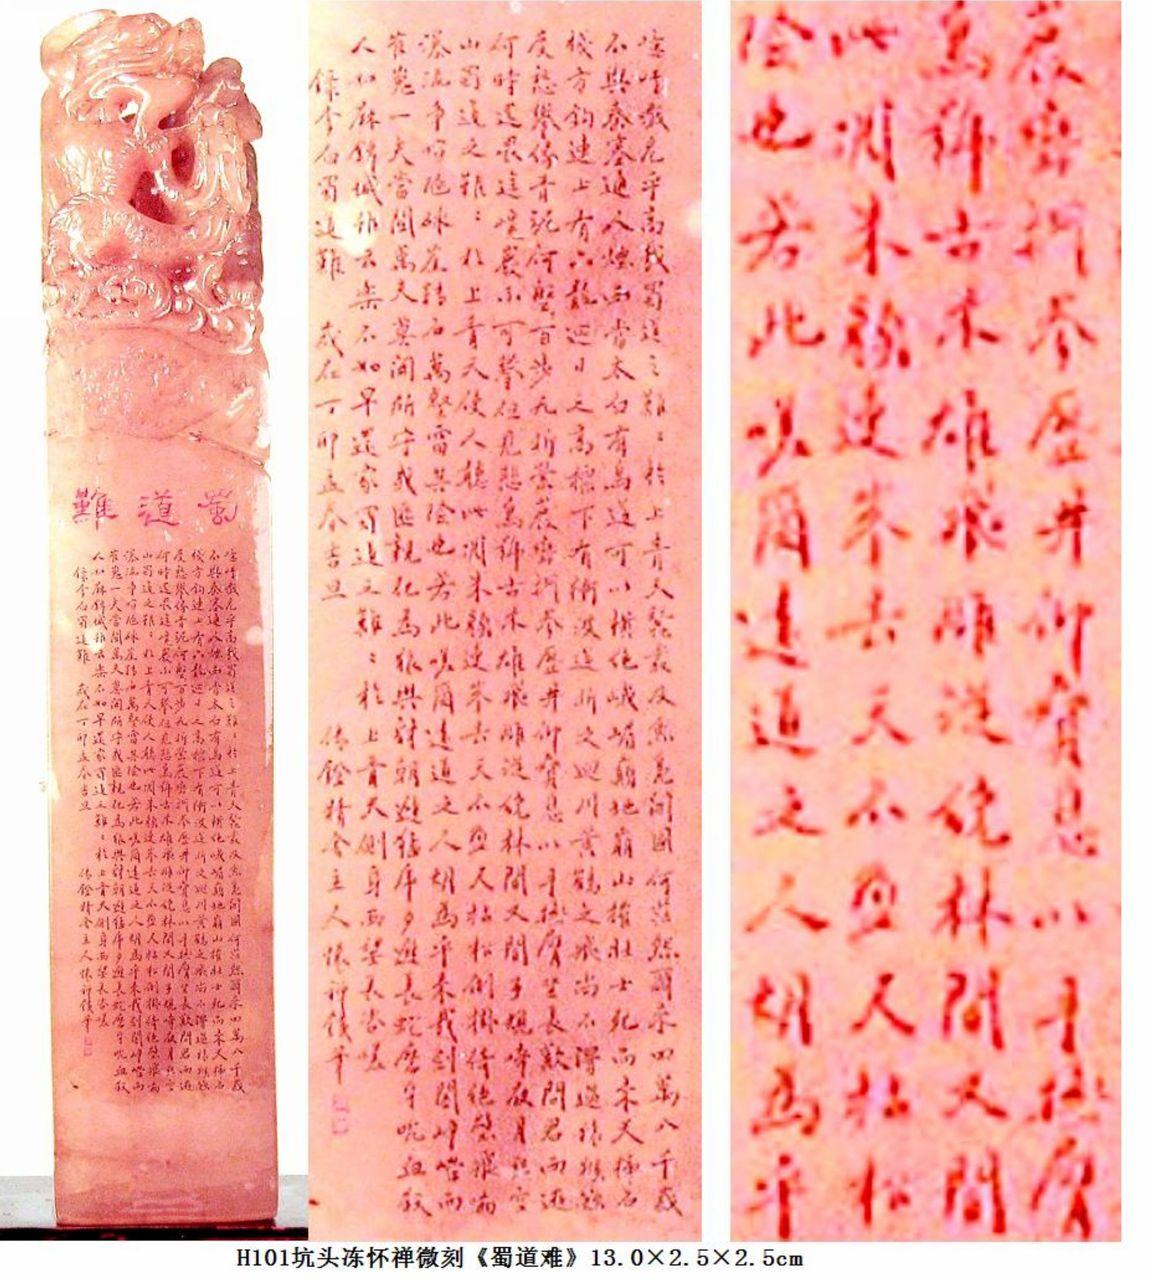 蜀道难(蜀道难原文带注音)+-+搜狗百科